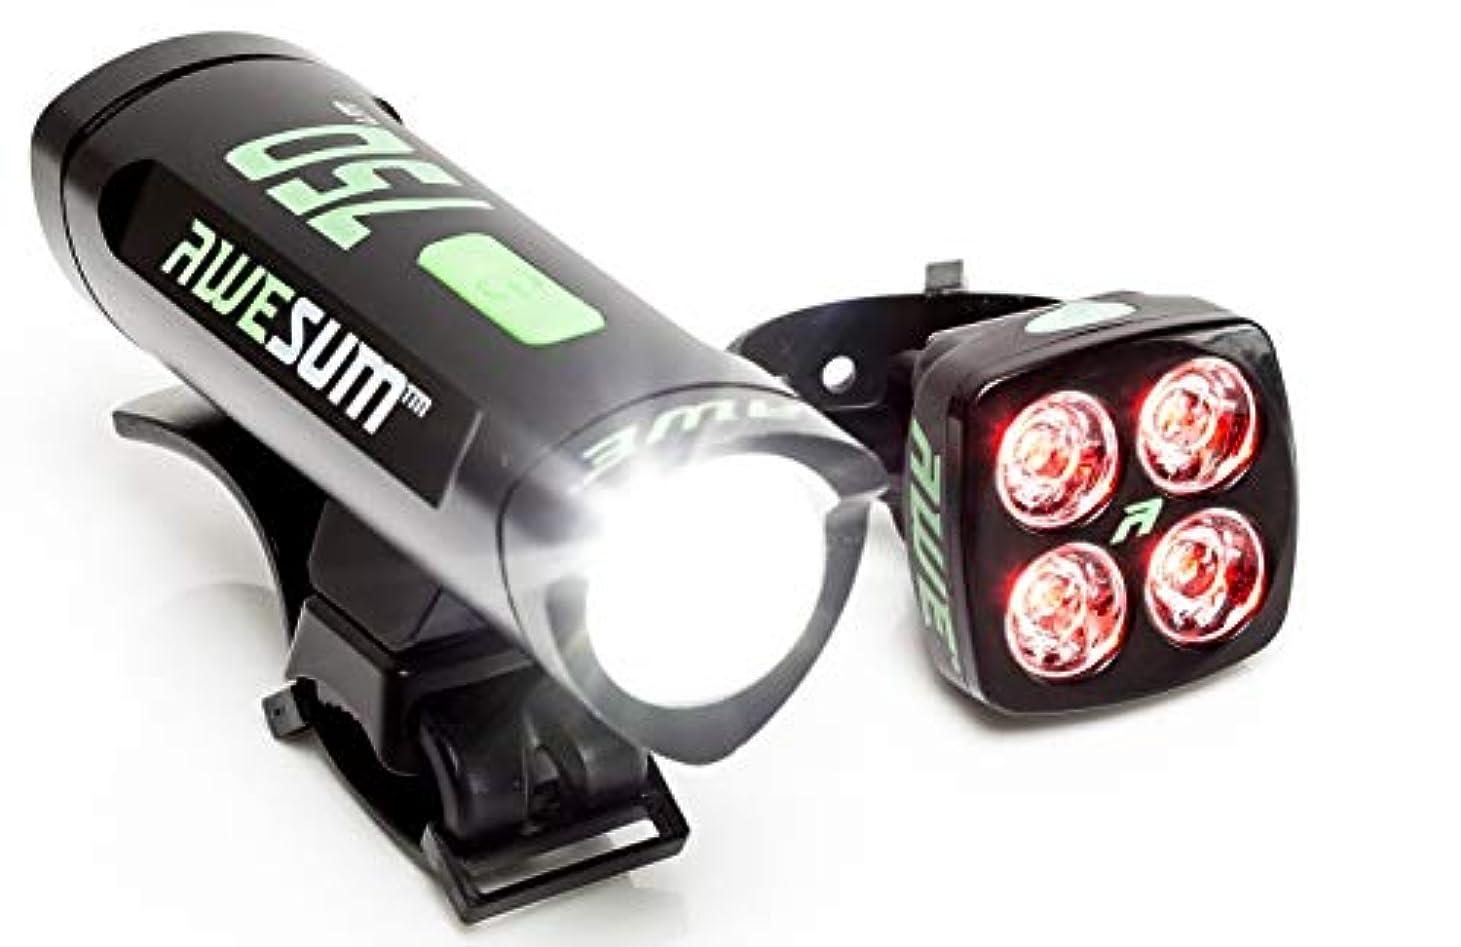 普及を通して寂しいAWE 750Blitz USB充電式 自転車用 前方& 後方 ライトセット 眼が眩むほど明るい! 790ルーメン 防水度 IPX4